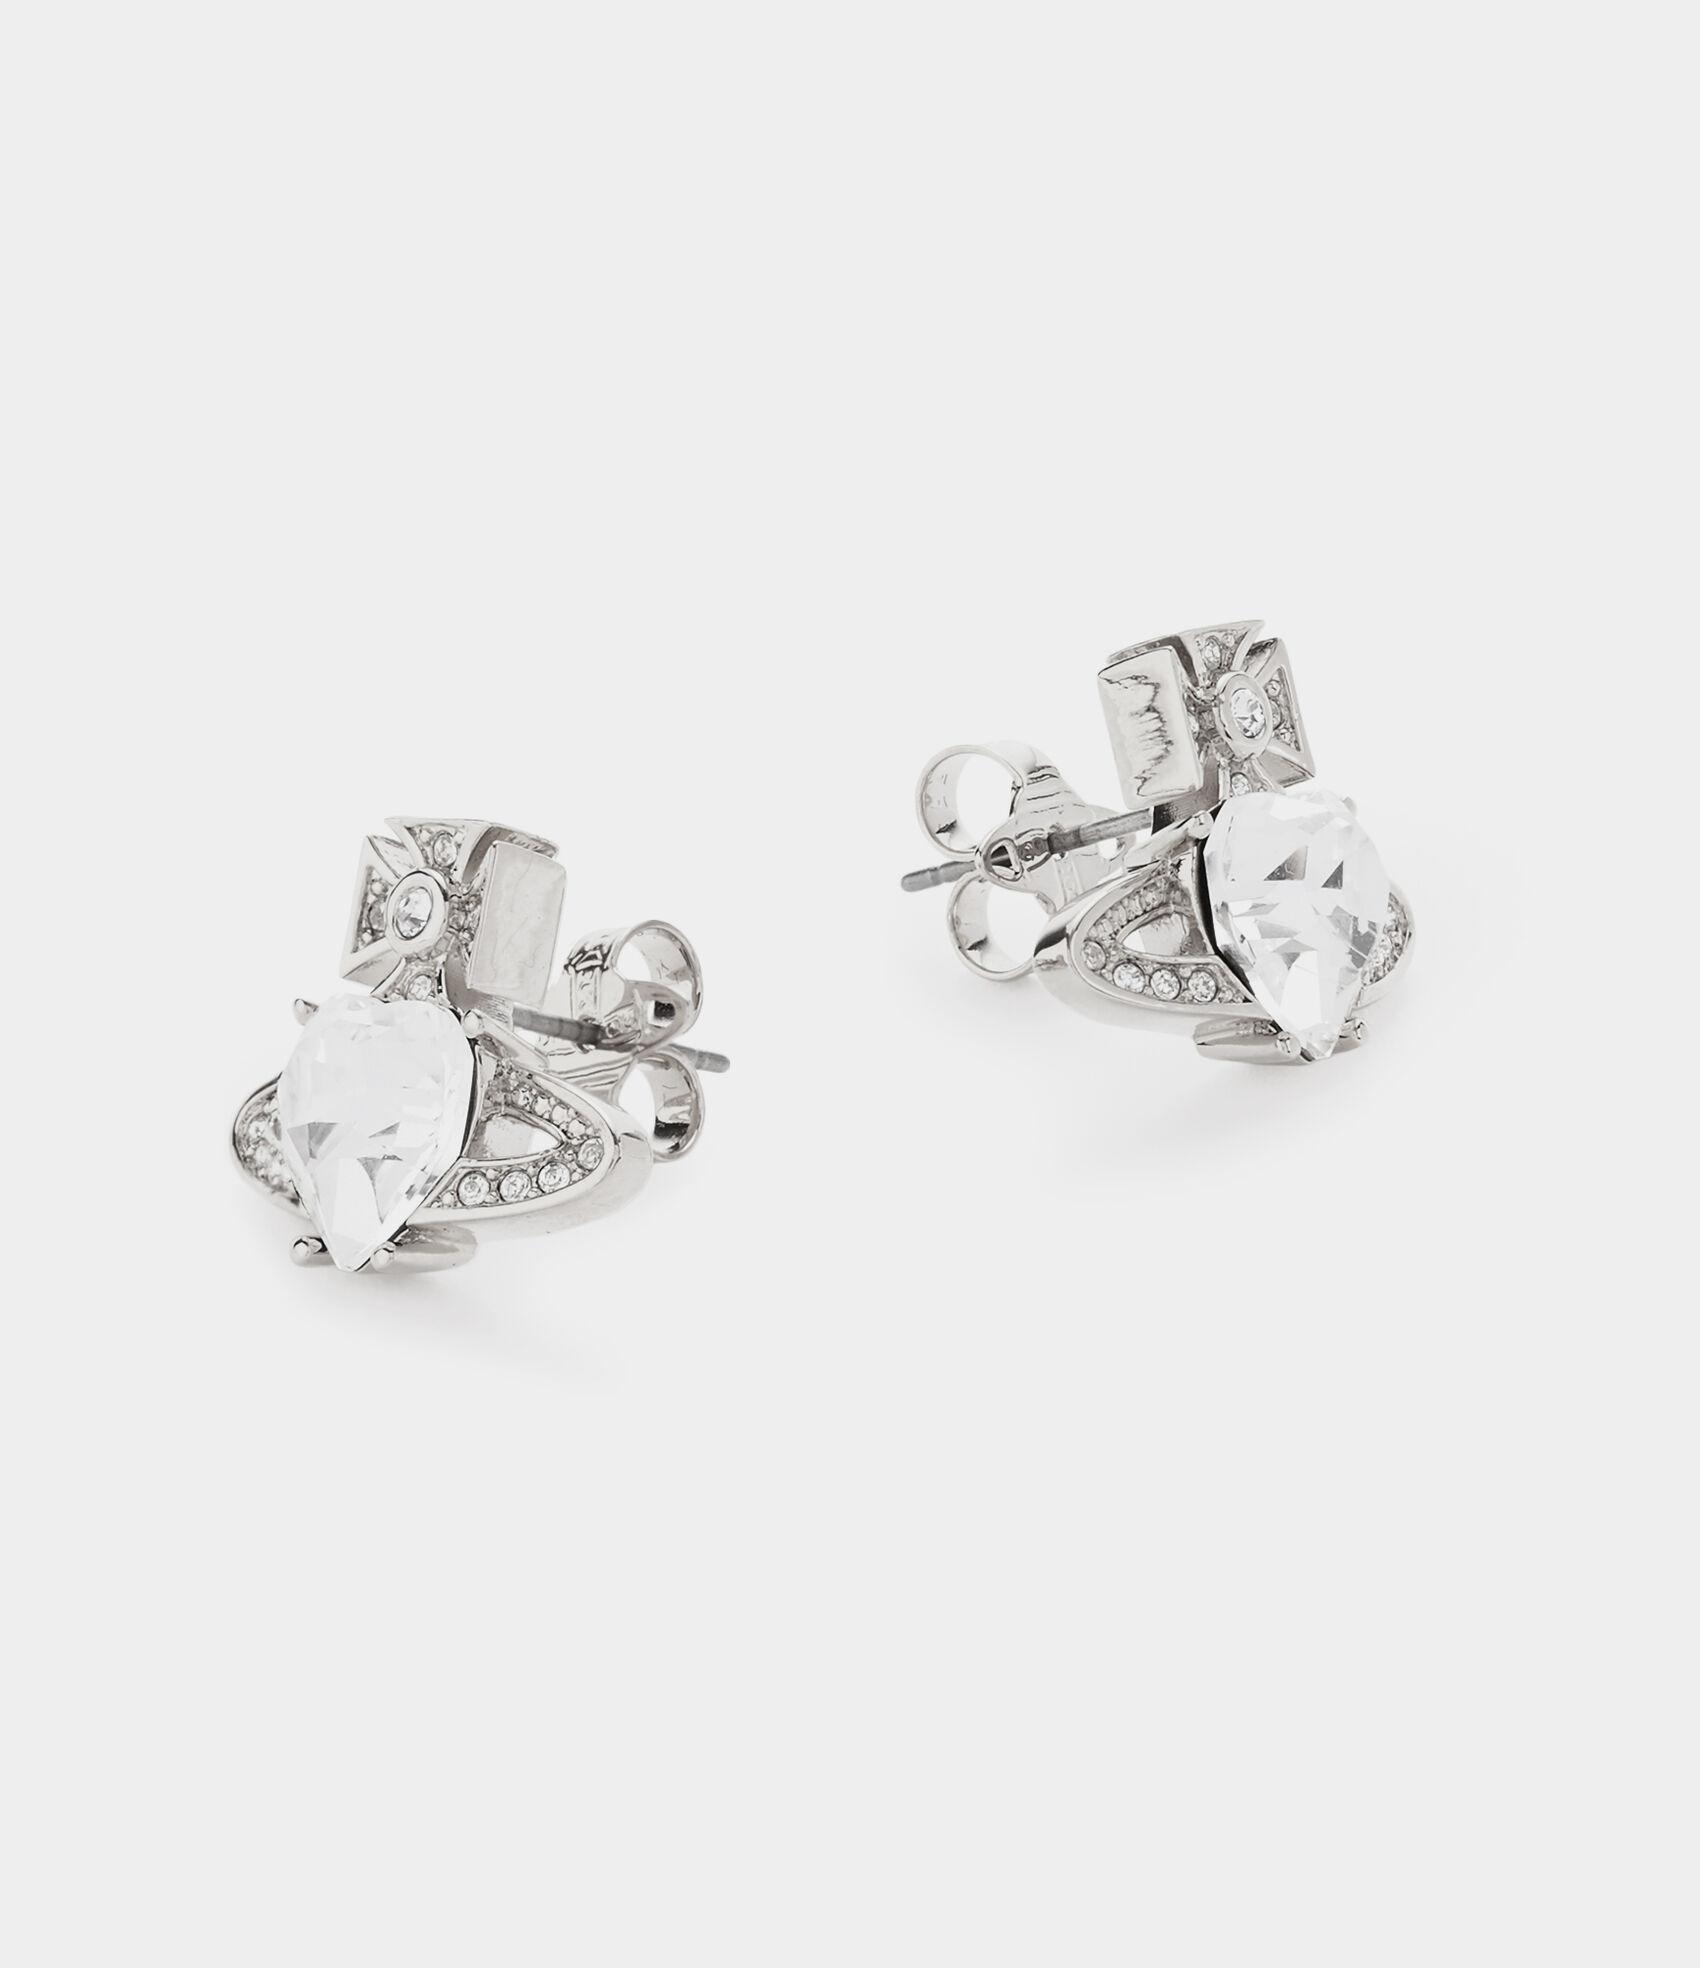 66680dd5c Vivienne Westwood Earrings | Women's Jewellery | Vivienne Westwood - Ariella  Earrings